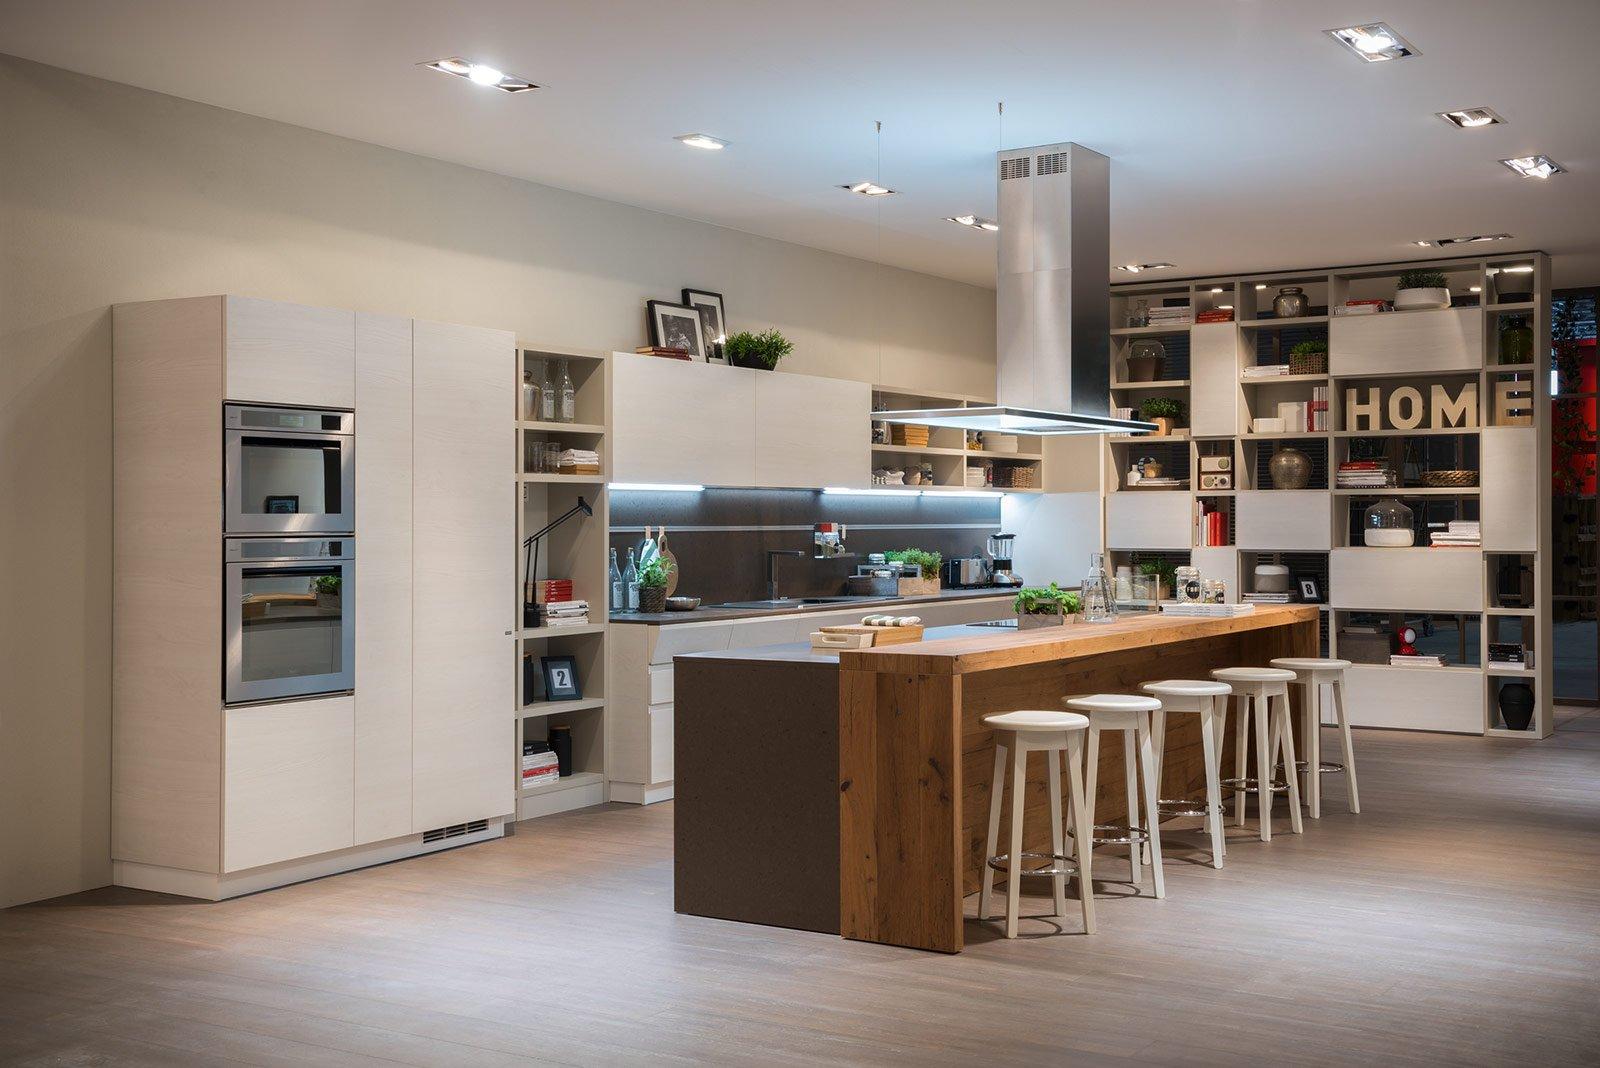 Cucina e soggiorno openspace funzioni divise o spiccata socialit cose di casa - Creare finestra popup ...